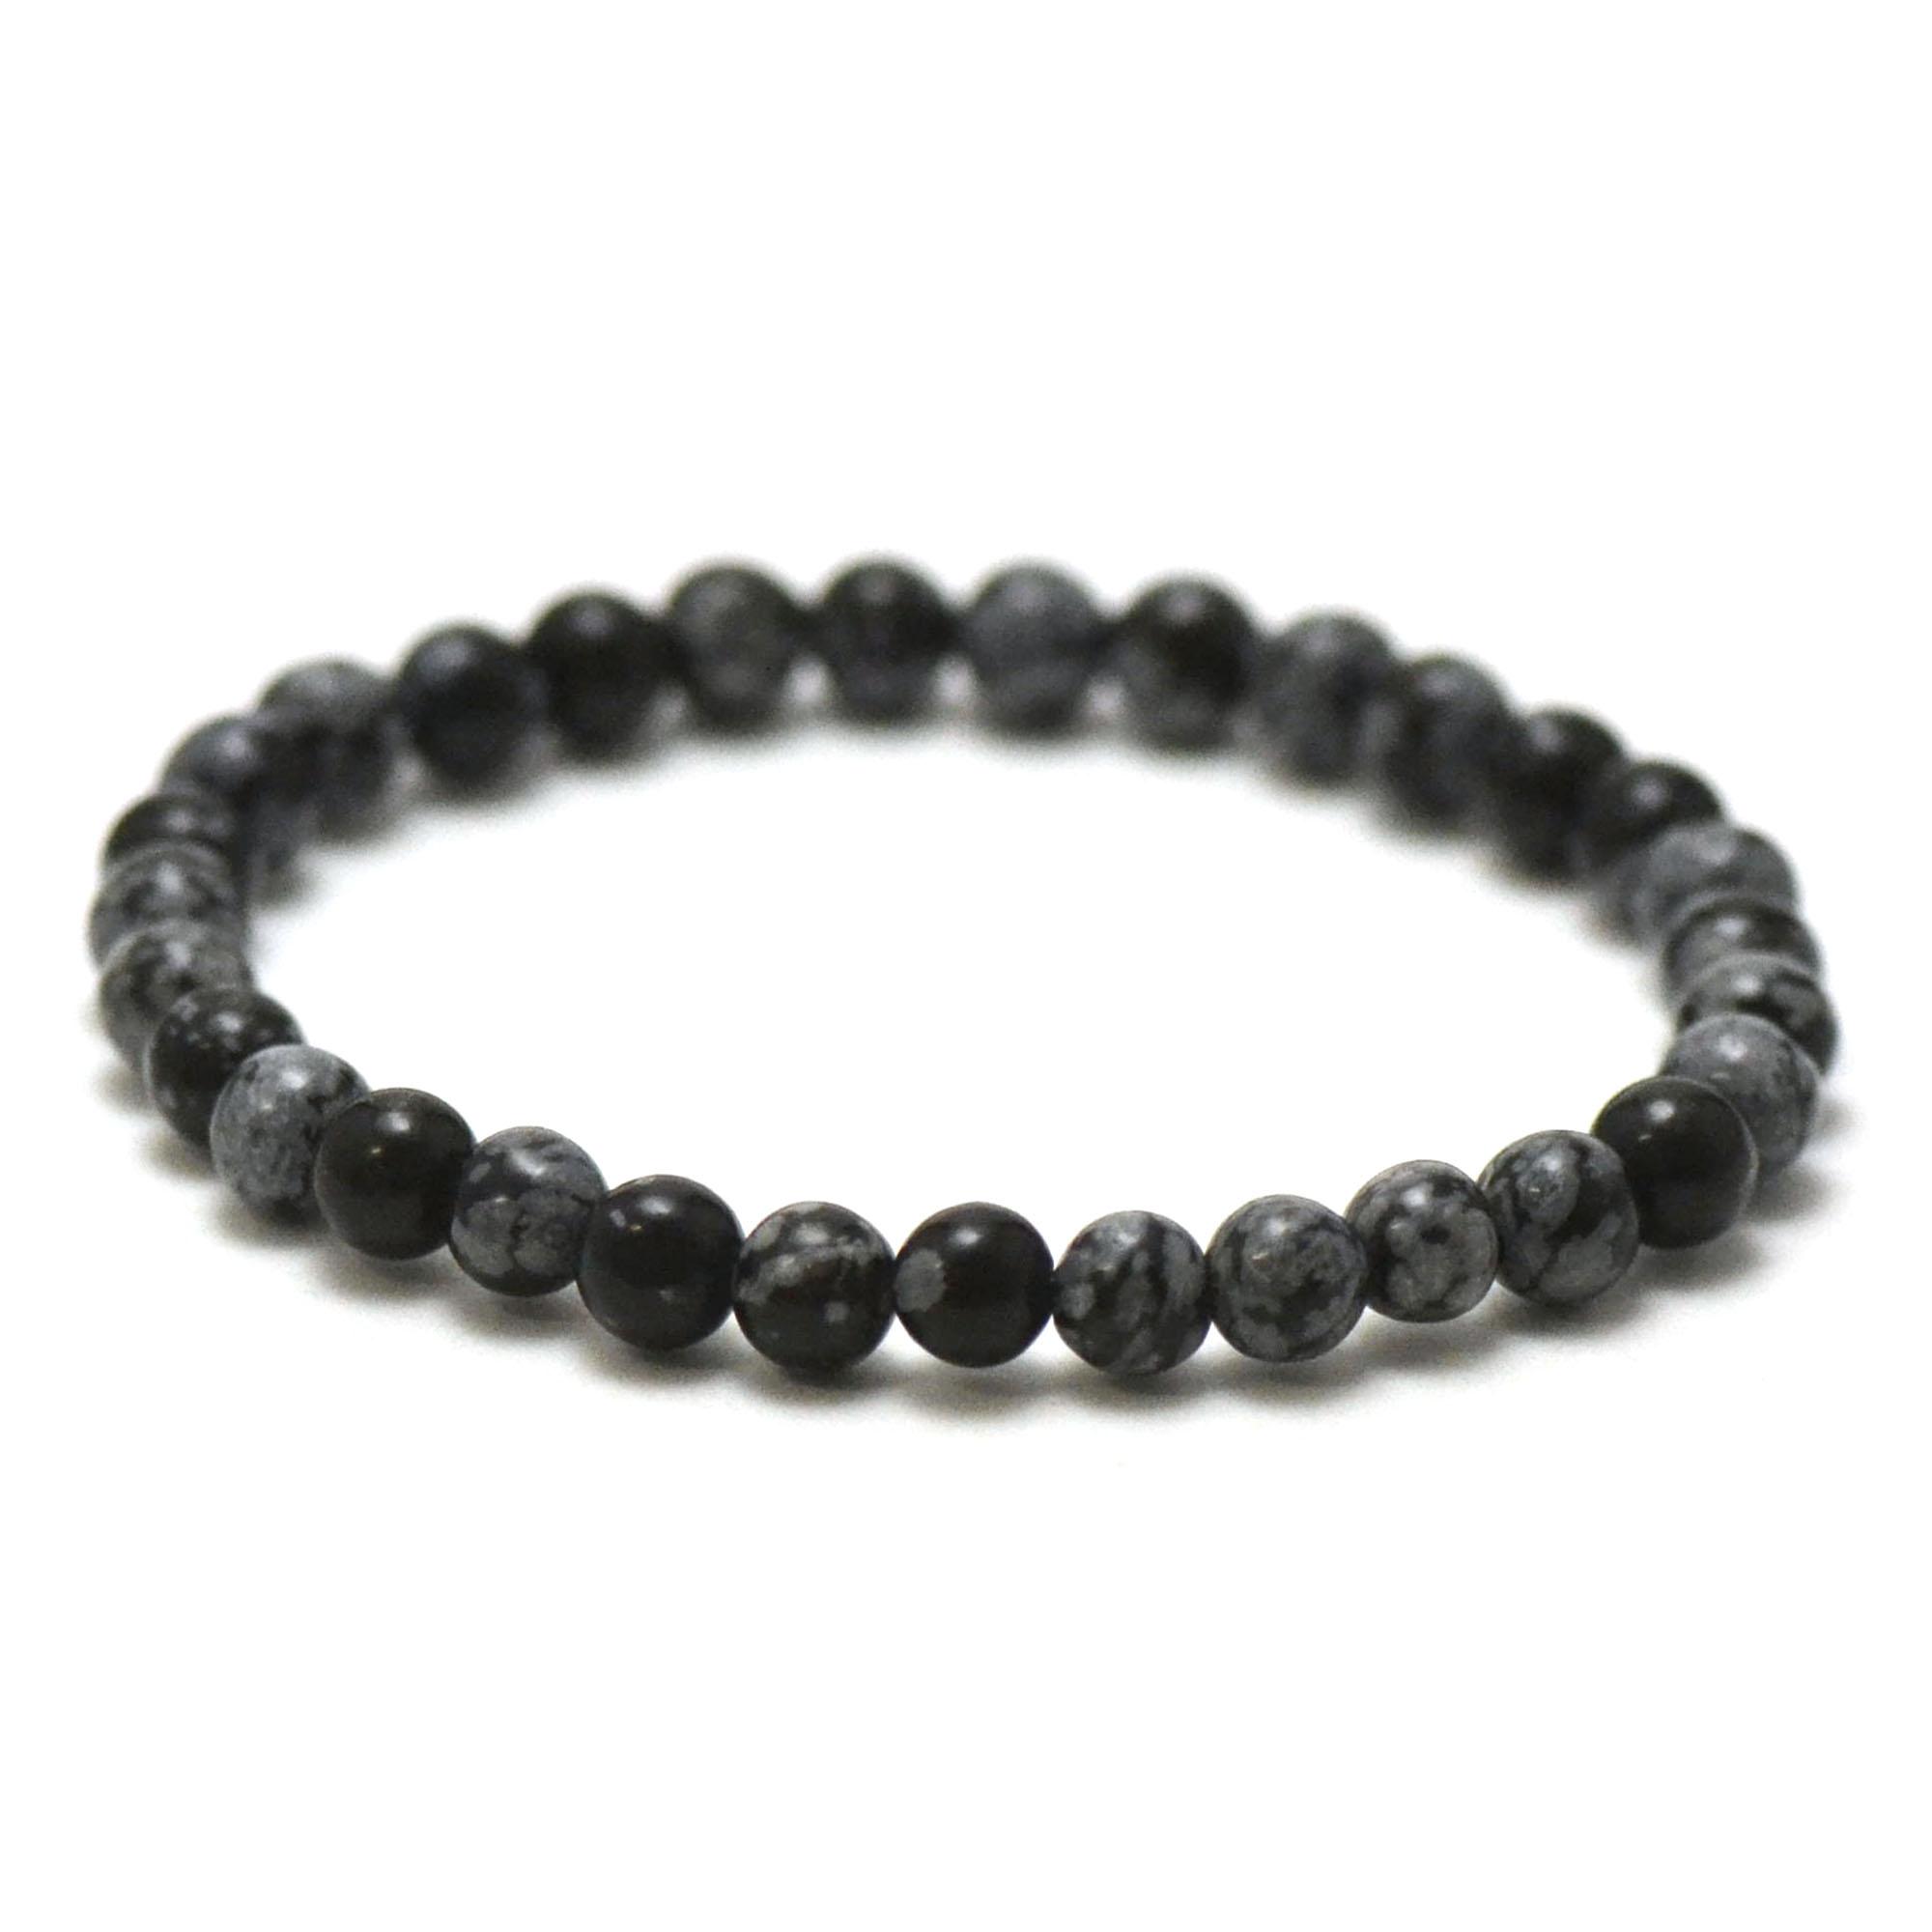 bracelet obsidienne neige, perle ronde 6 mm